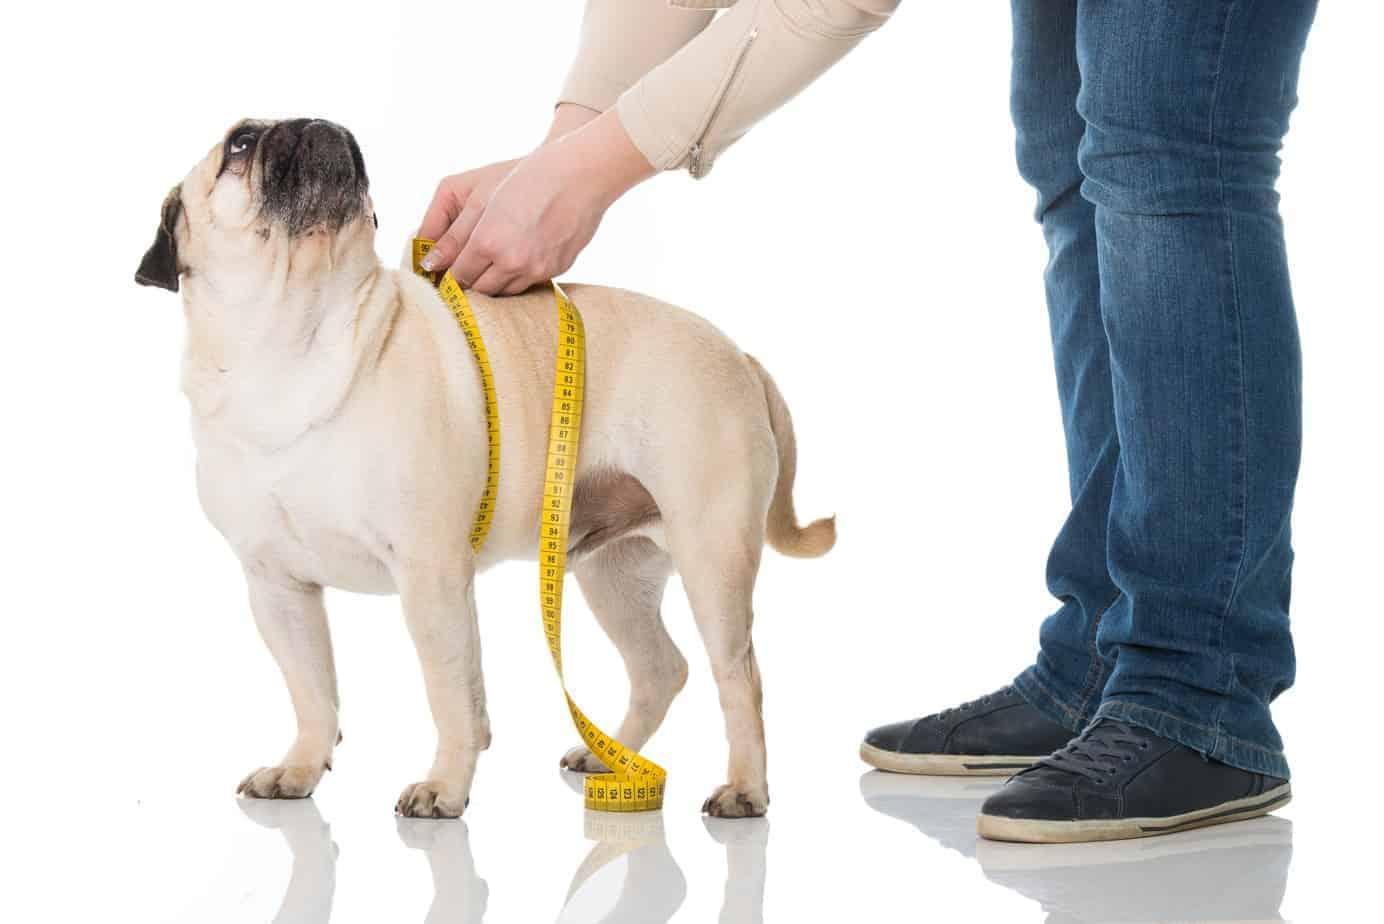 overweight dogs face arthritis risk